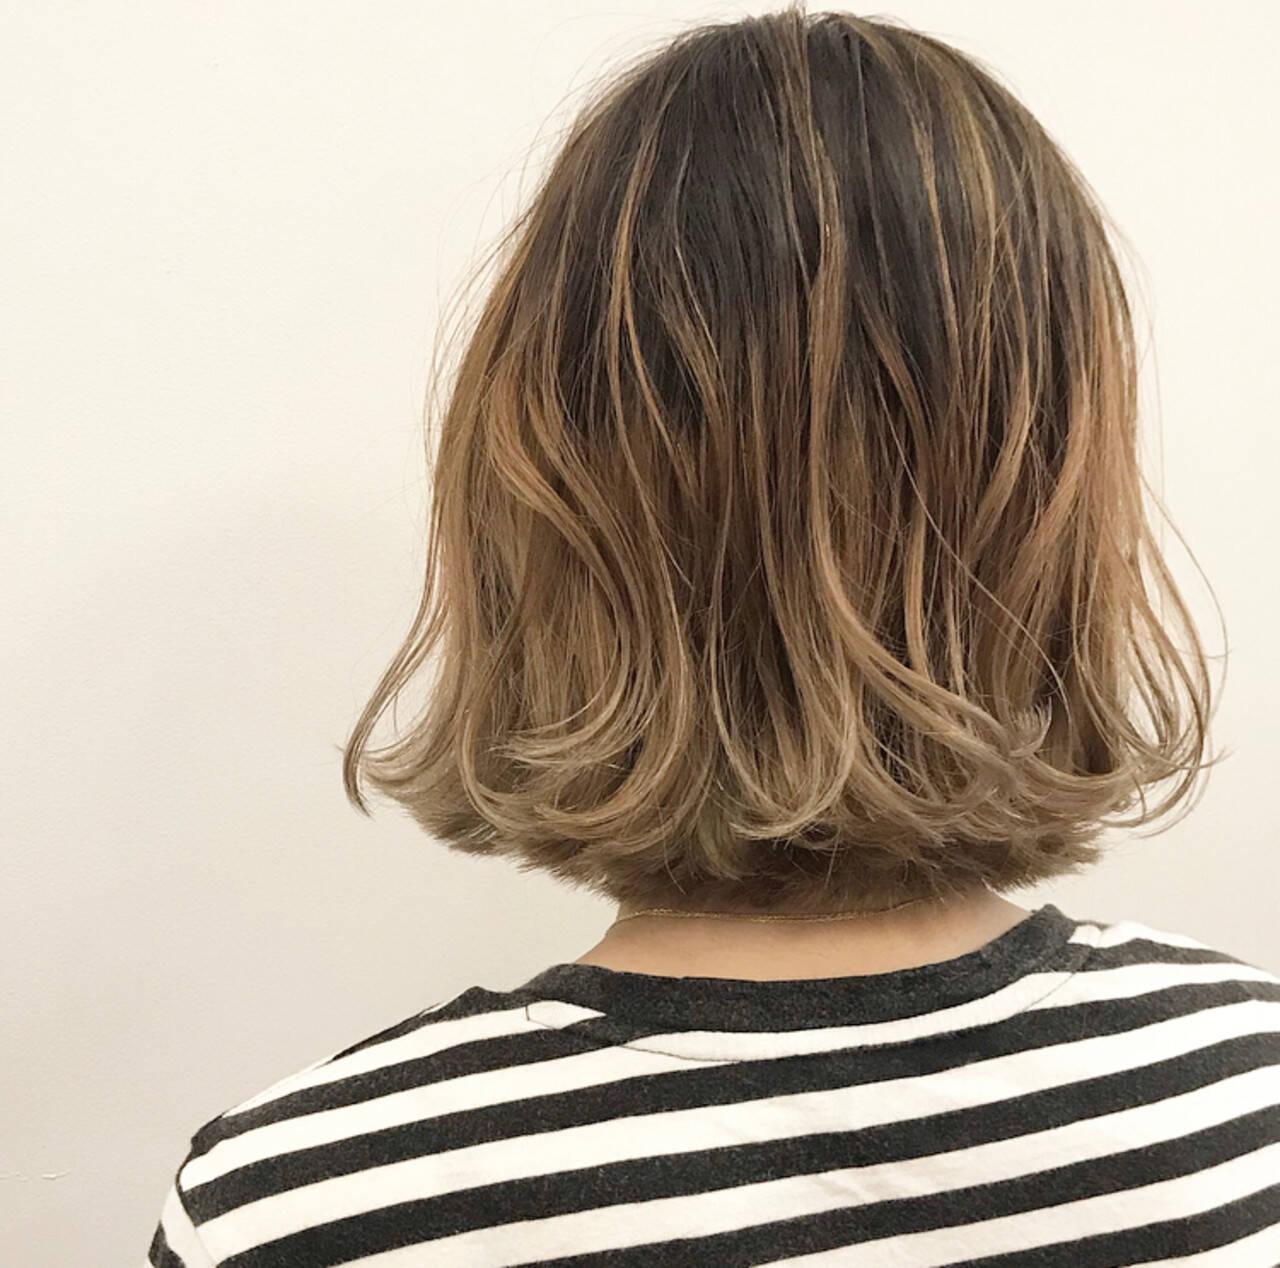 外ハネ ストリート スモーキーカラー 地毛ハイライトヘアスタイルや髪型の写真・画像